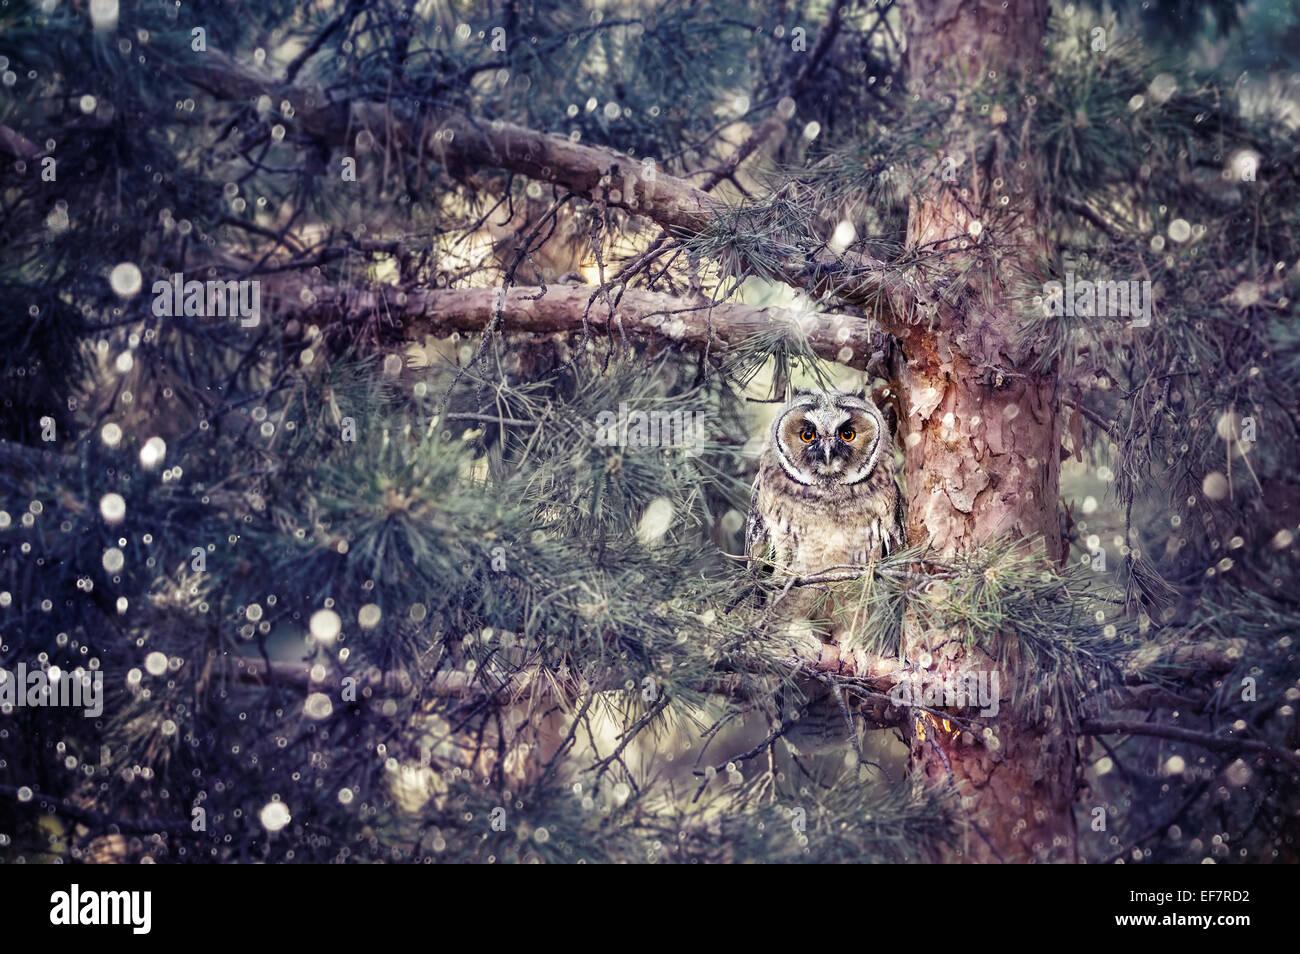 Orejas largas owl sentado en la rama en el bosque en la nieve Imagen De Stock